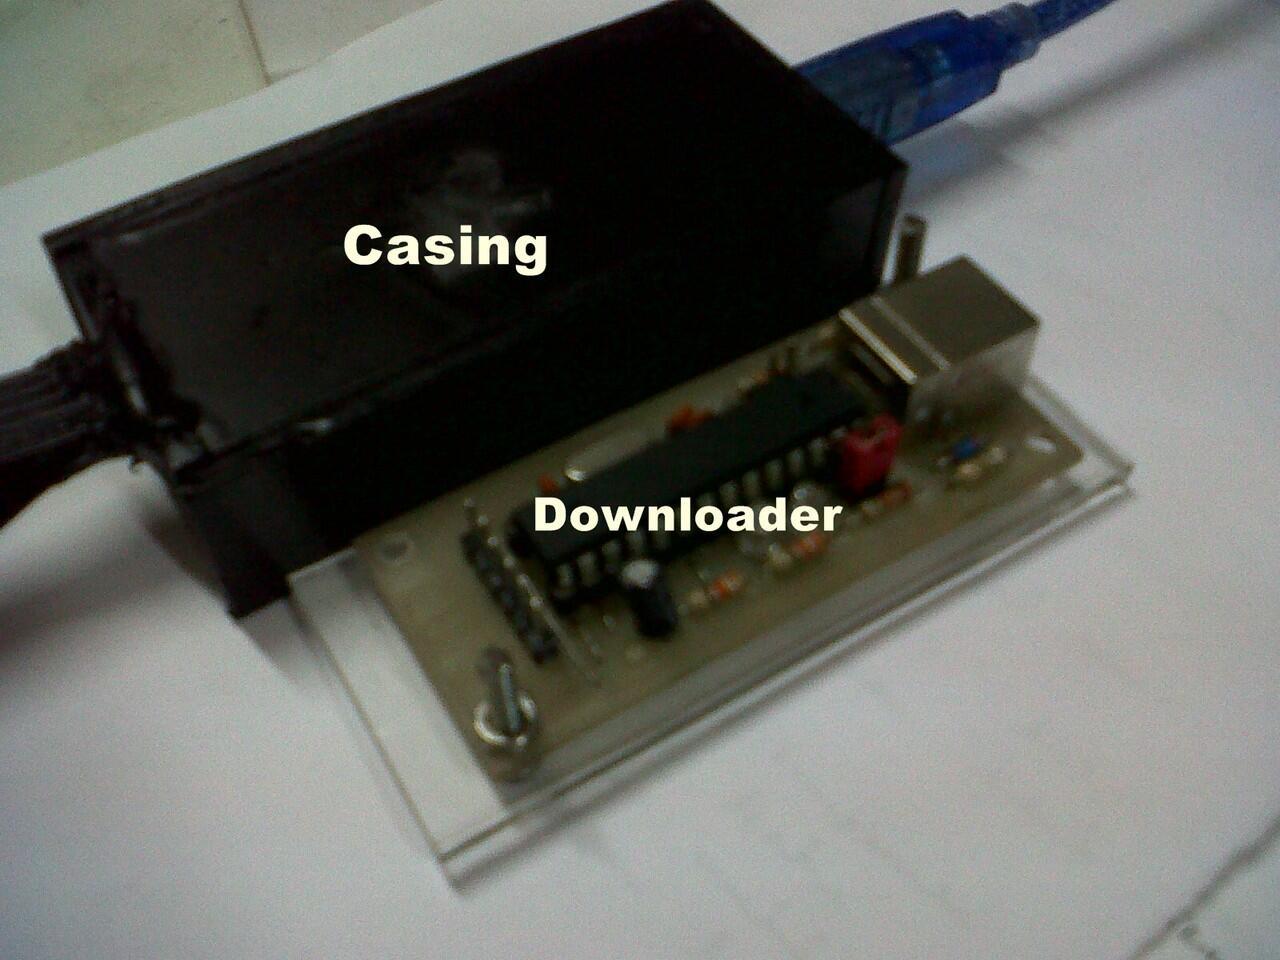 Downloader for usb